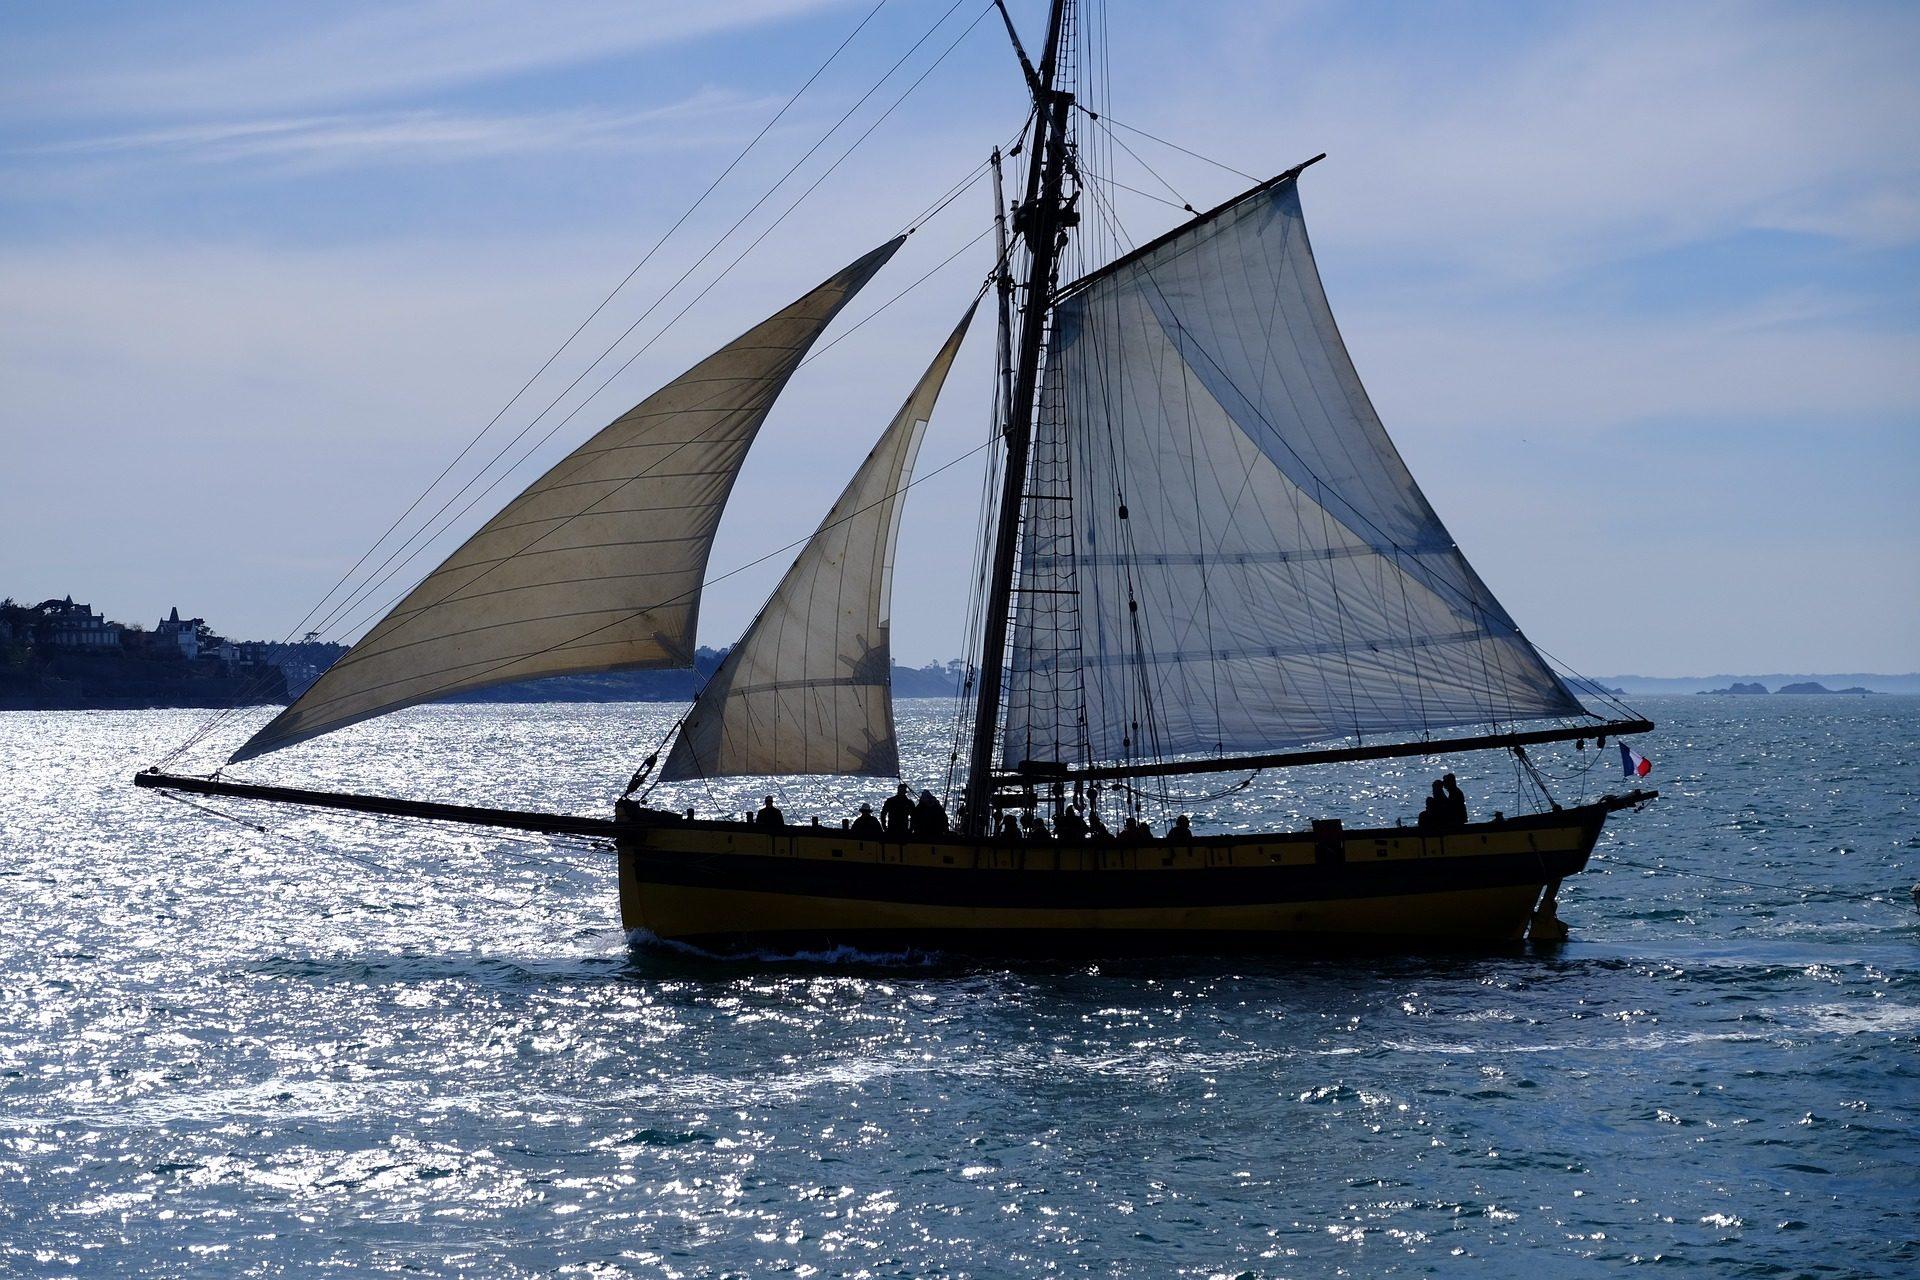 Парусник, лодка, открытое море, Океан, Навигация - Обои HD - Профессор falken.com